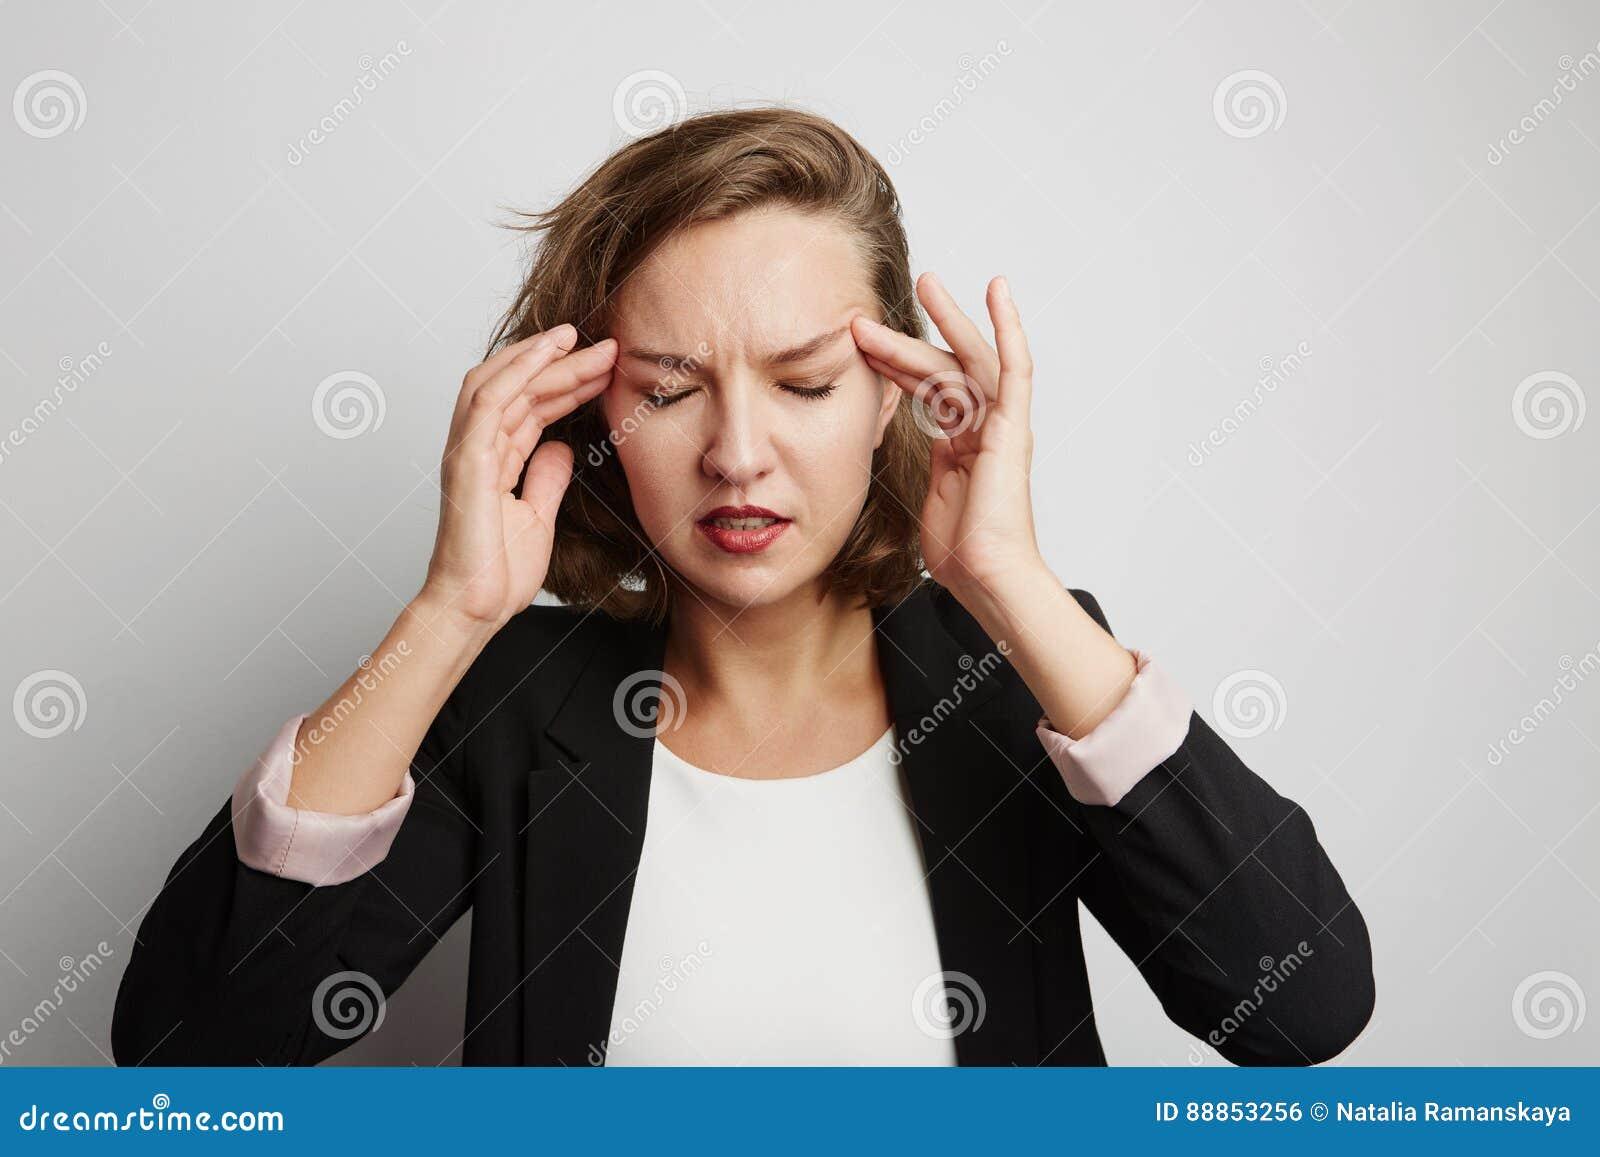 La mujer de negocios joven incurrió en una equivocación, foto del estudio en un fondo blanco